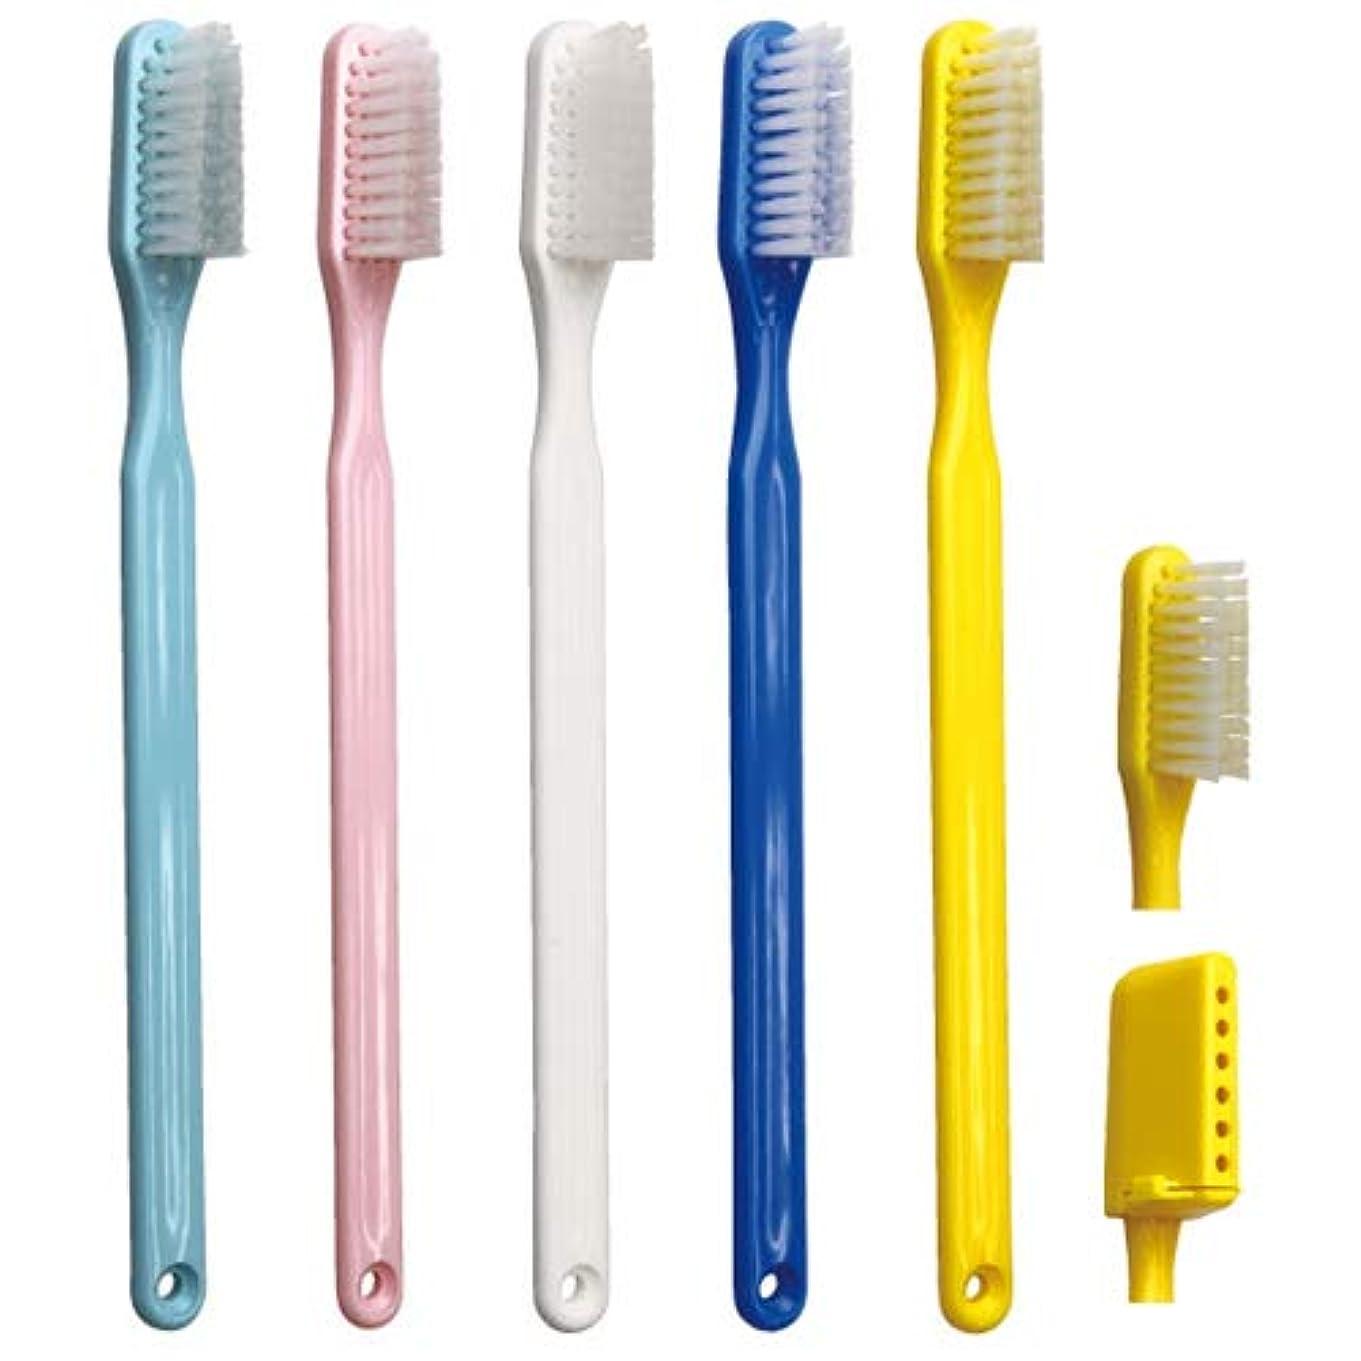 特徴づける変色するシルエット歯科医院専用商品 PHB 歯ブラシ アダルト5本セット( 歯ブラシキャップ付)ライトブルー?ピンク?ホワイト?ネオンブルー?イエロー